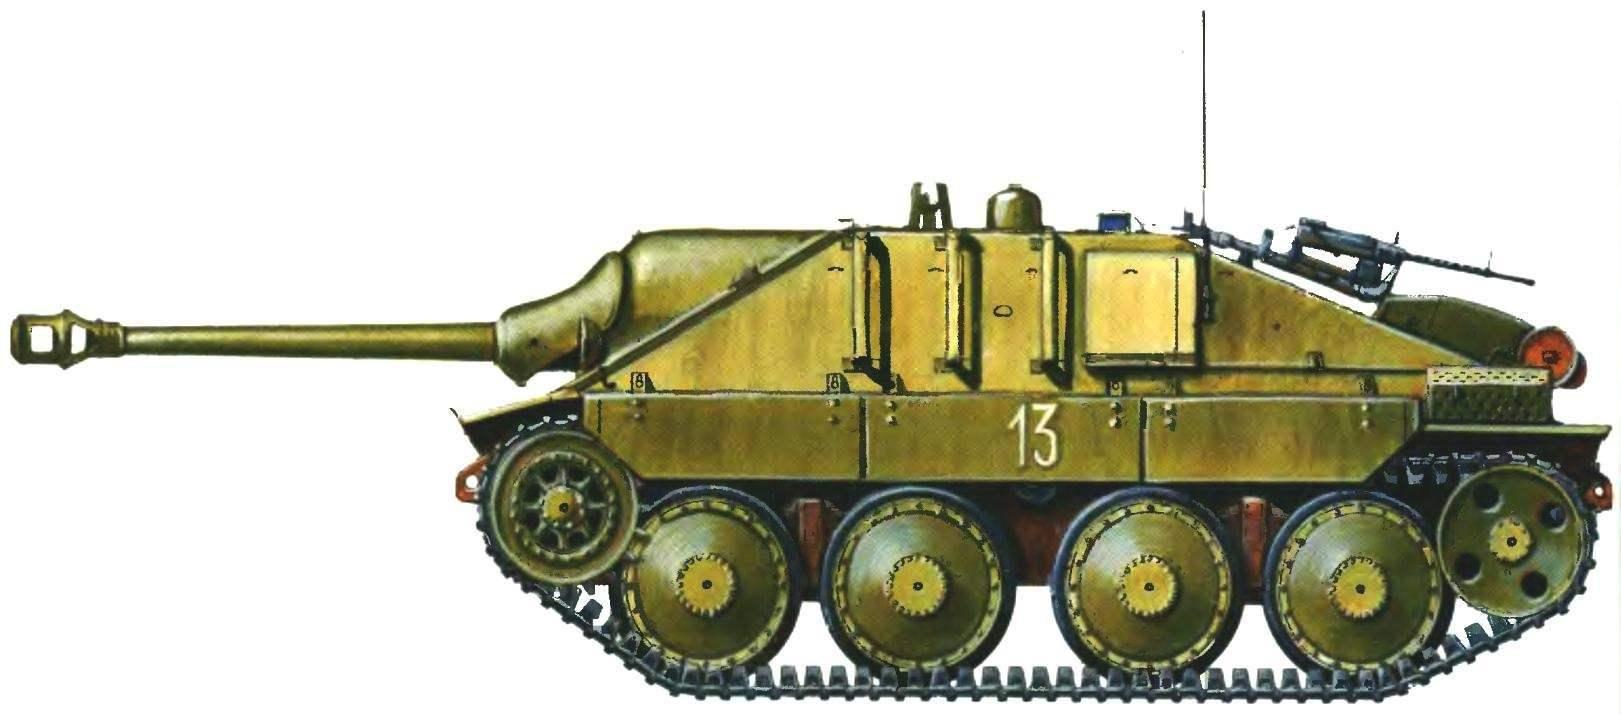 Истребитель танков G-13. Швейцария, 1948 год